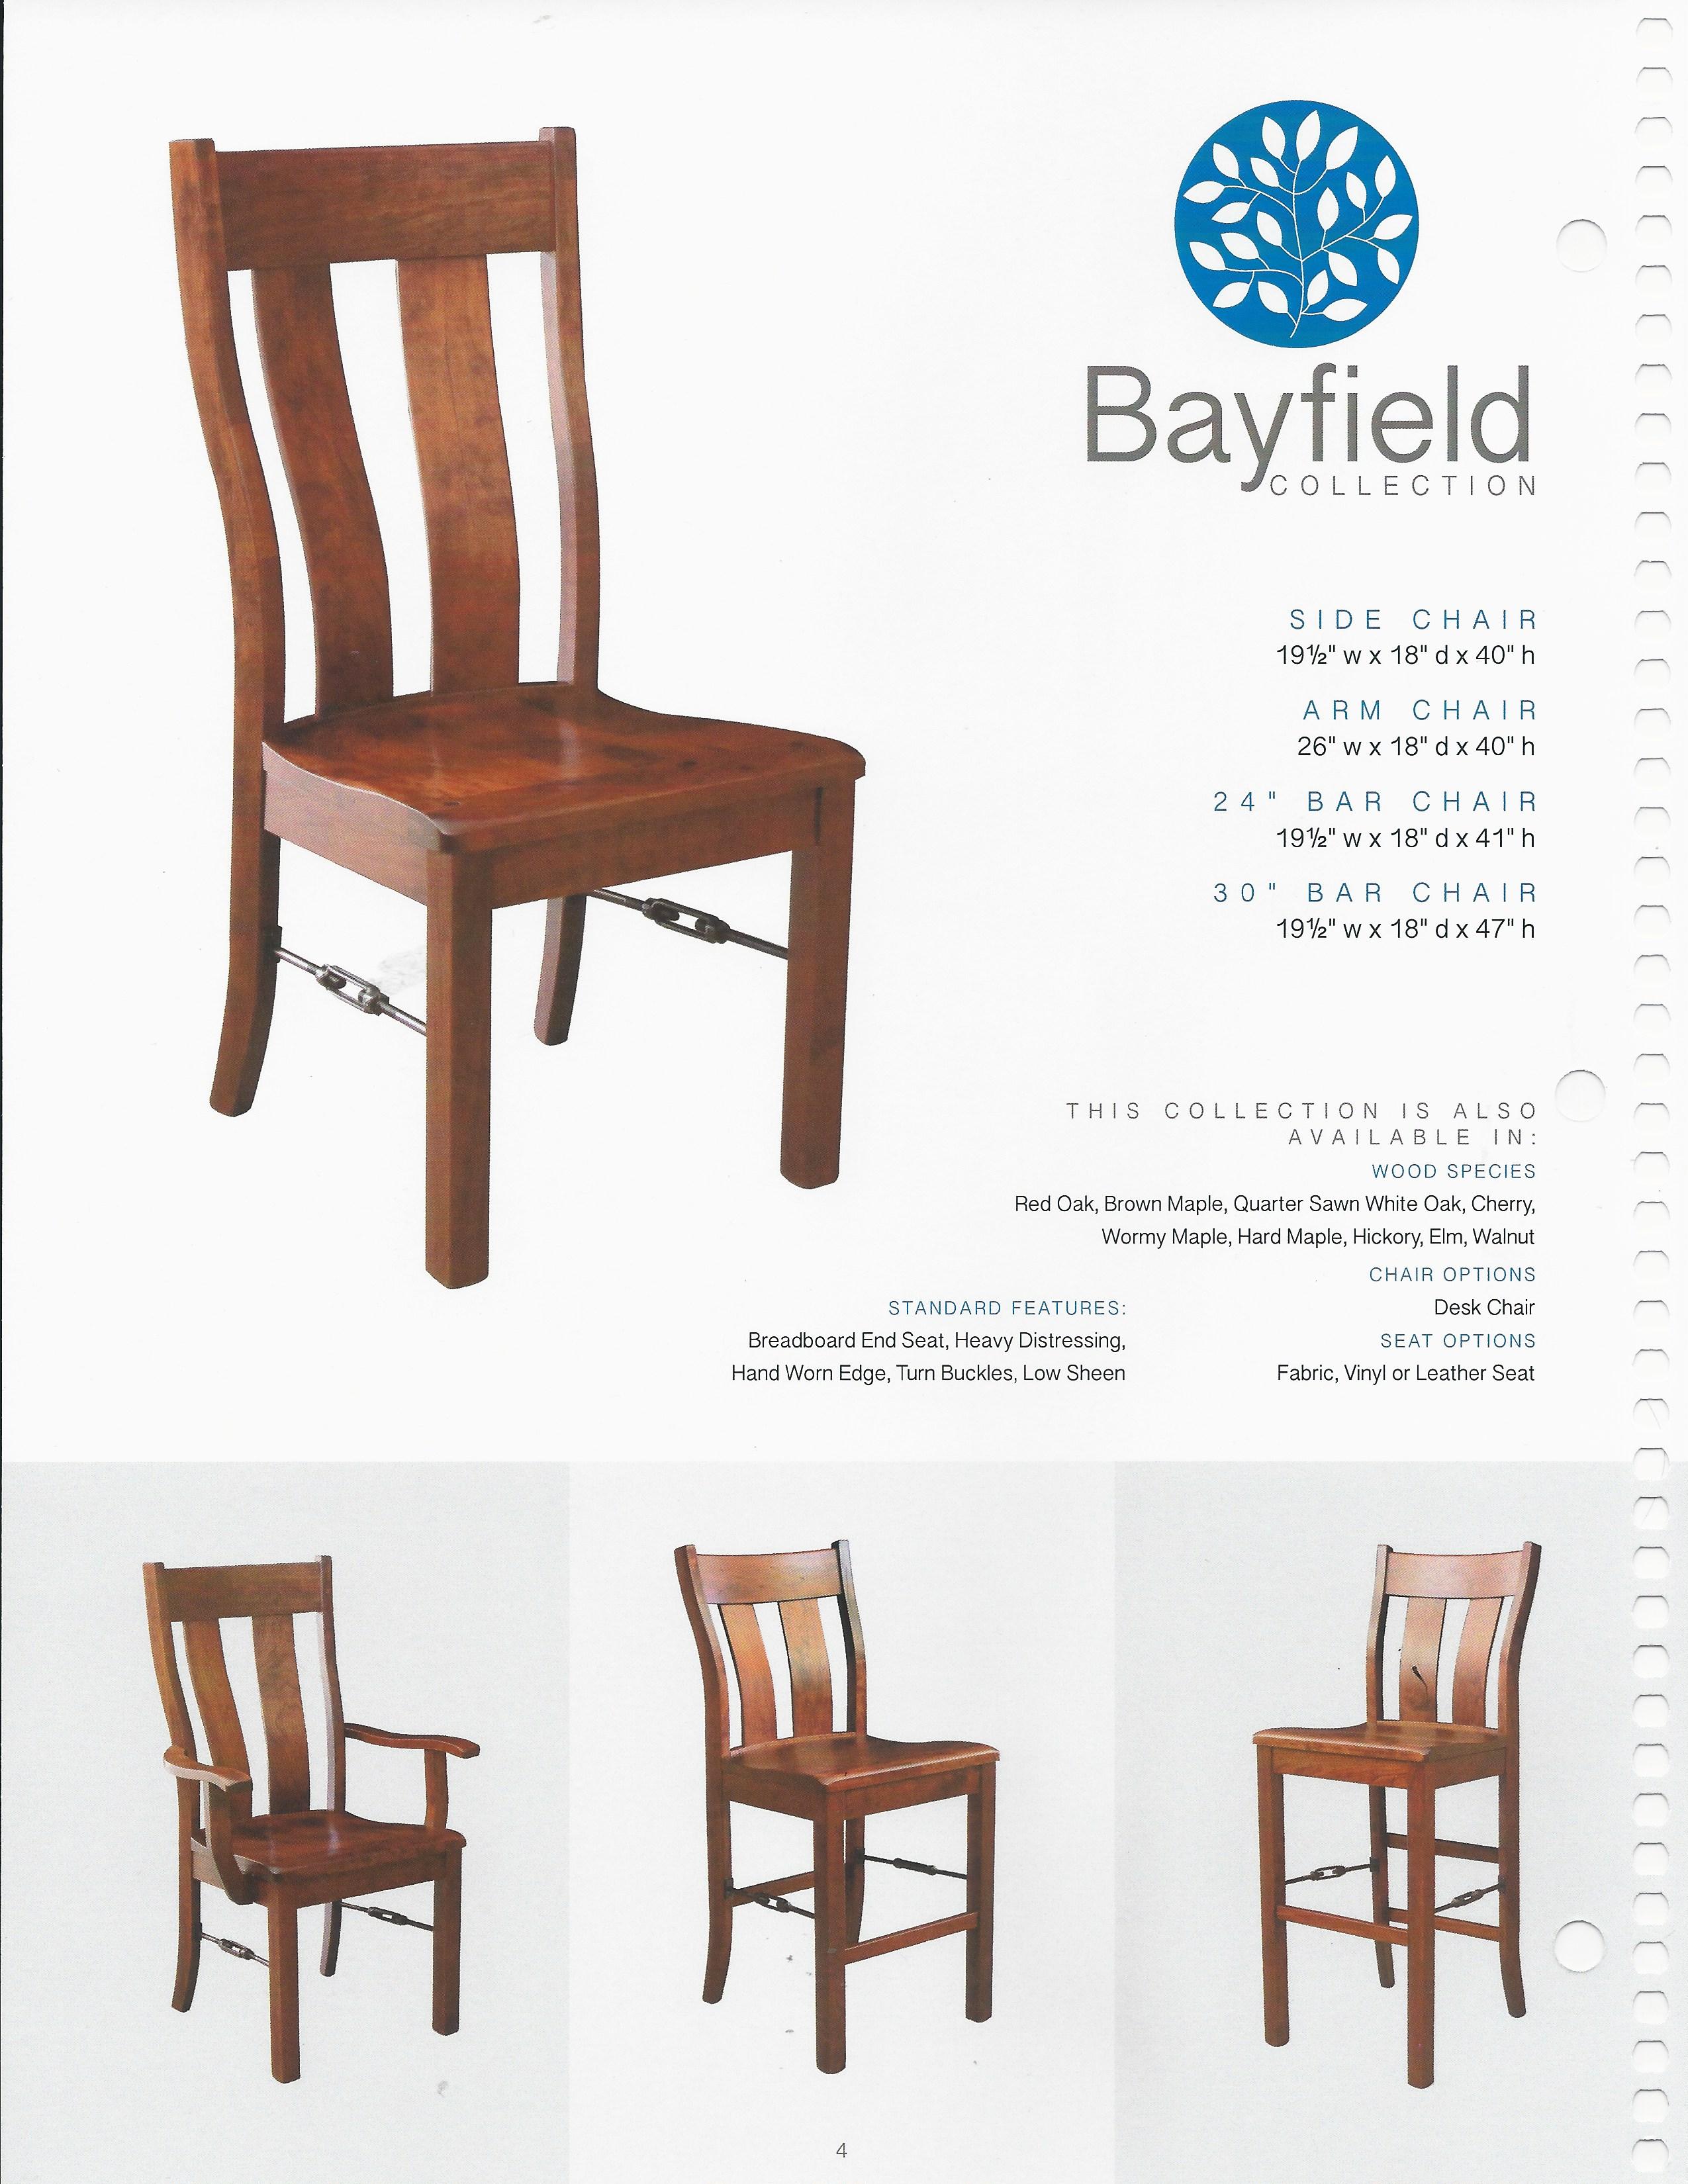 Bayfield